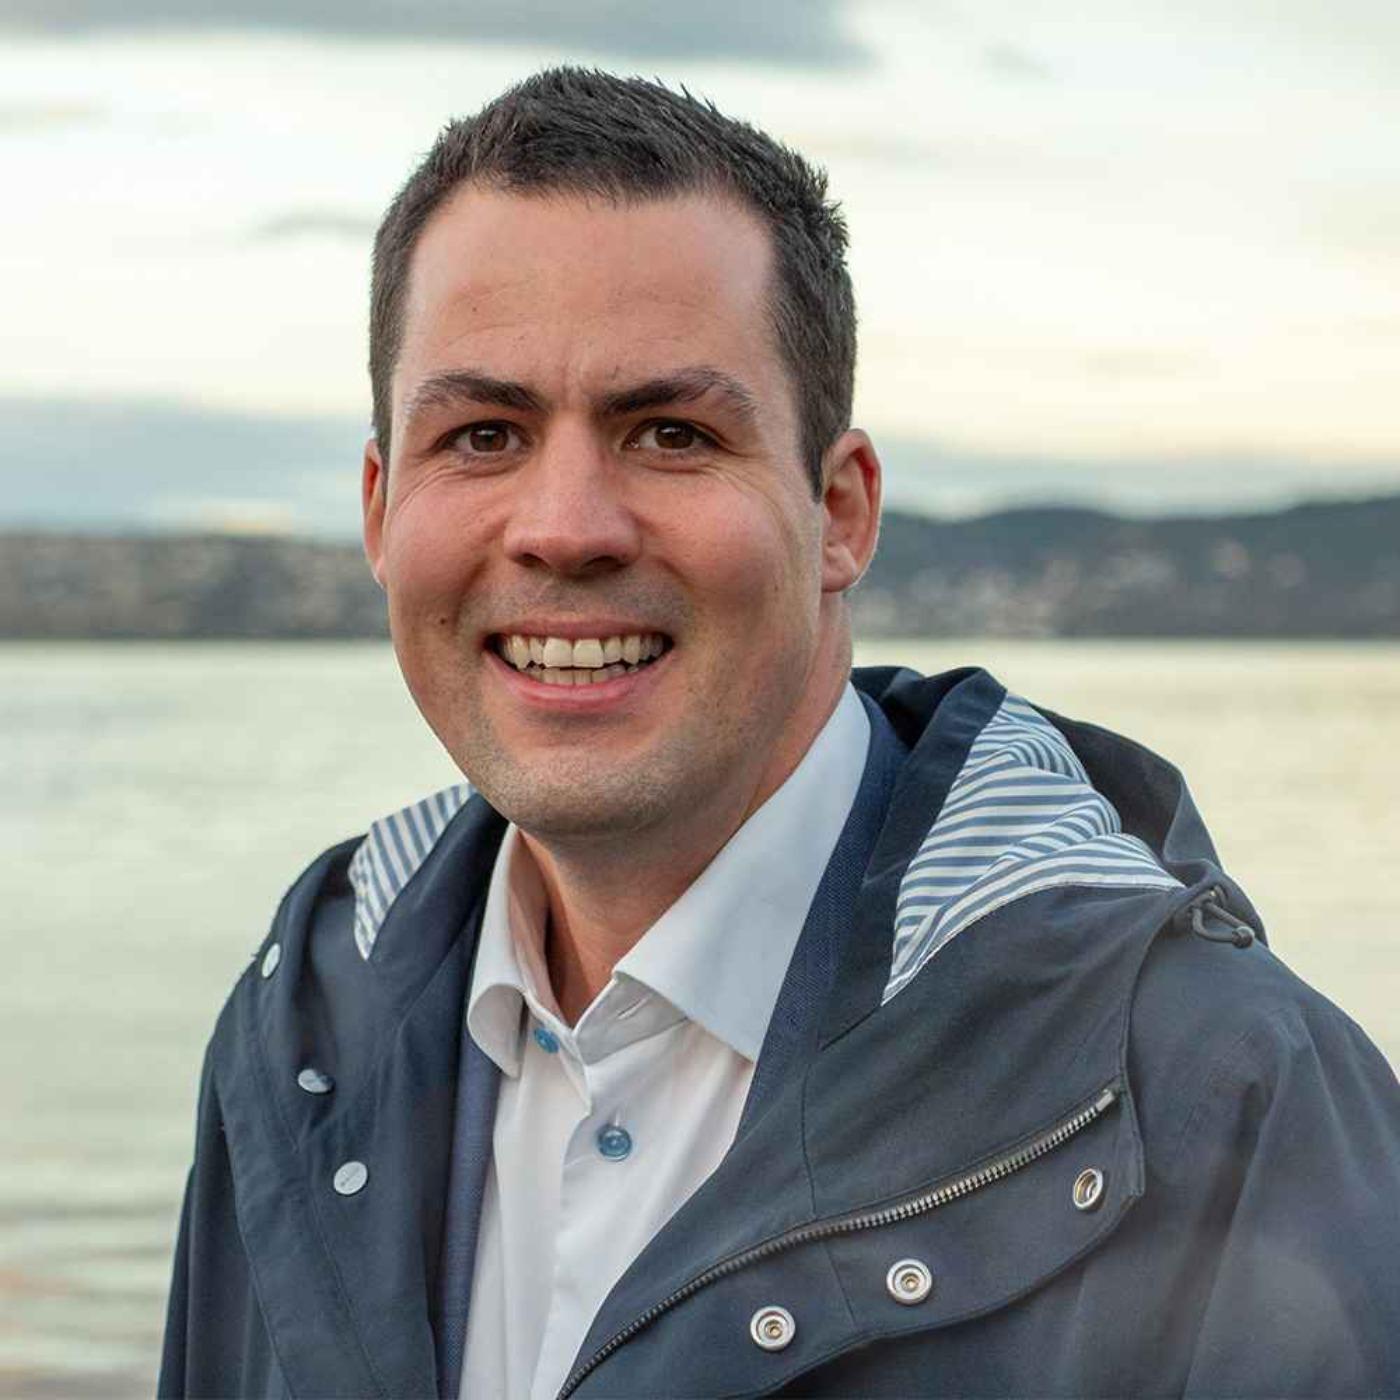 Transaksjonsrådgiver, revisor og en fot innen Sammenliknende politikk. Dette er Øyvind Kvinge - ny partner i PwC.